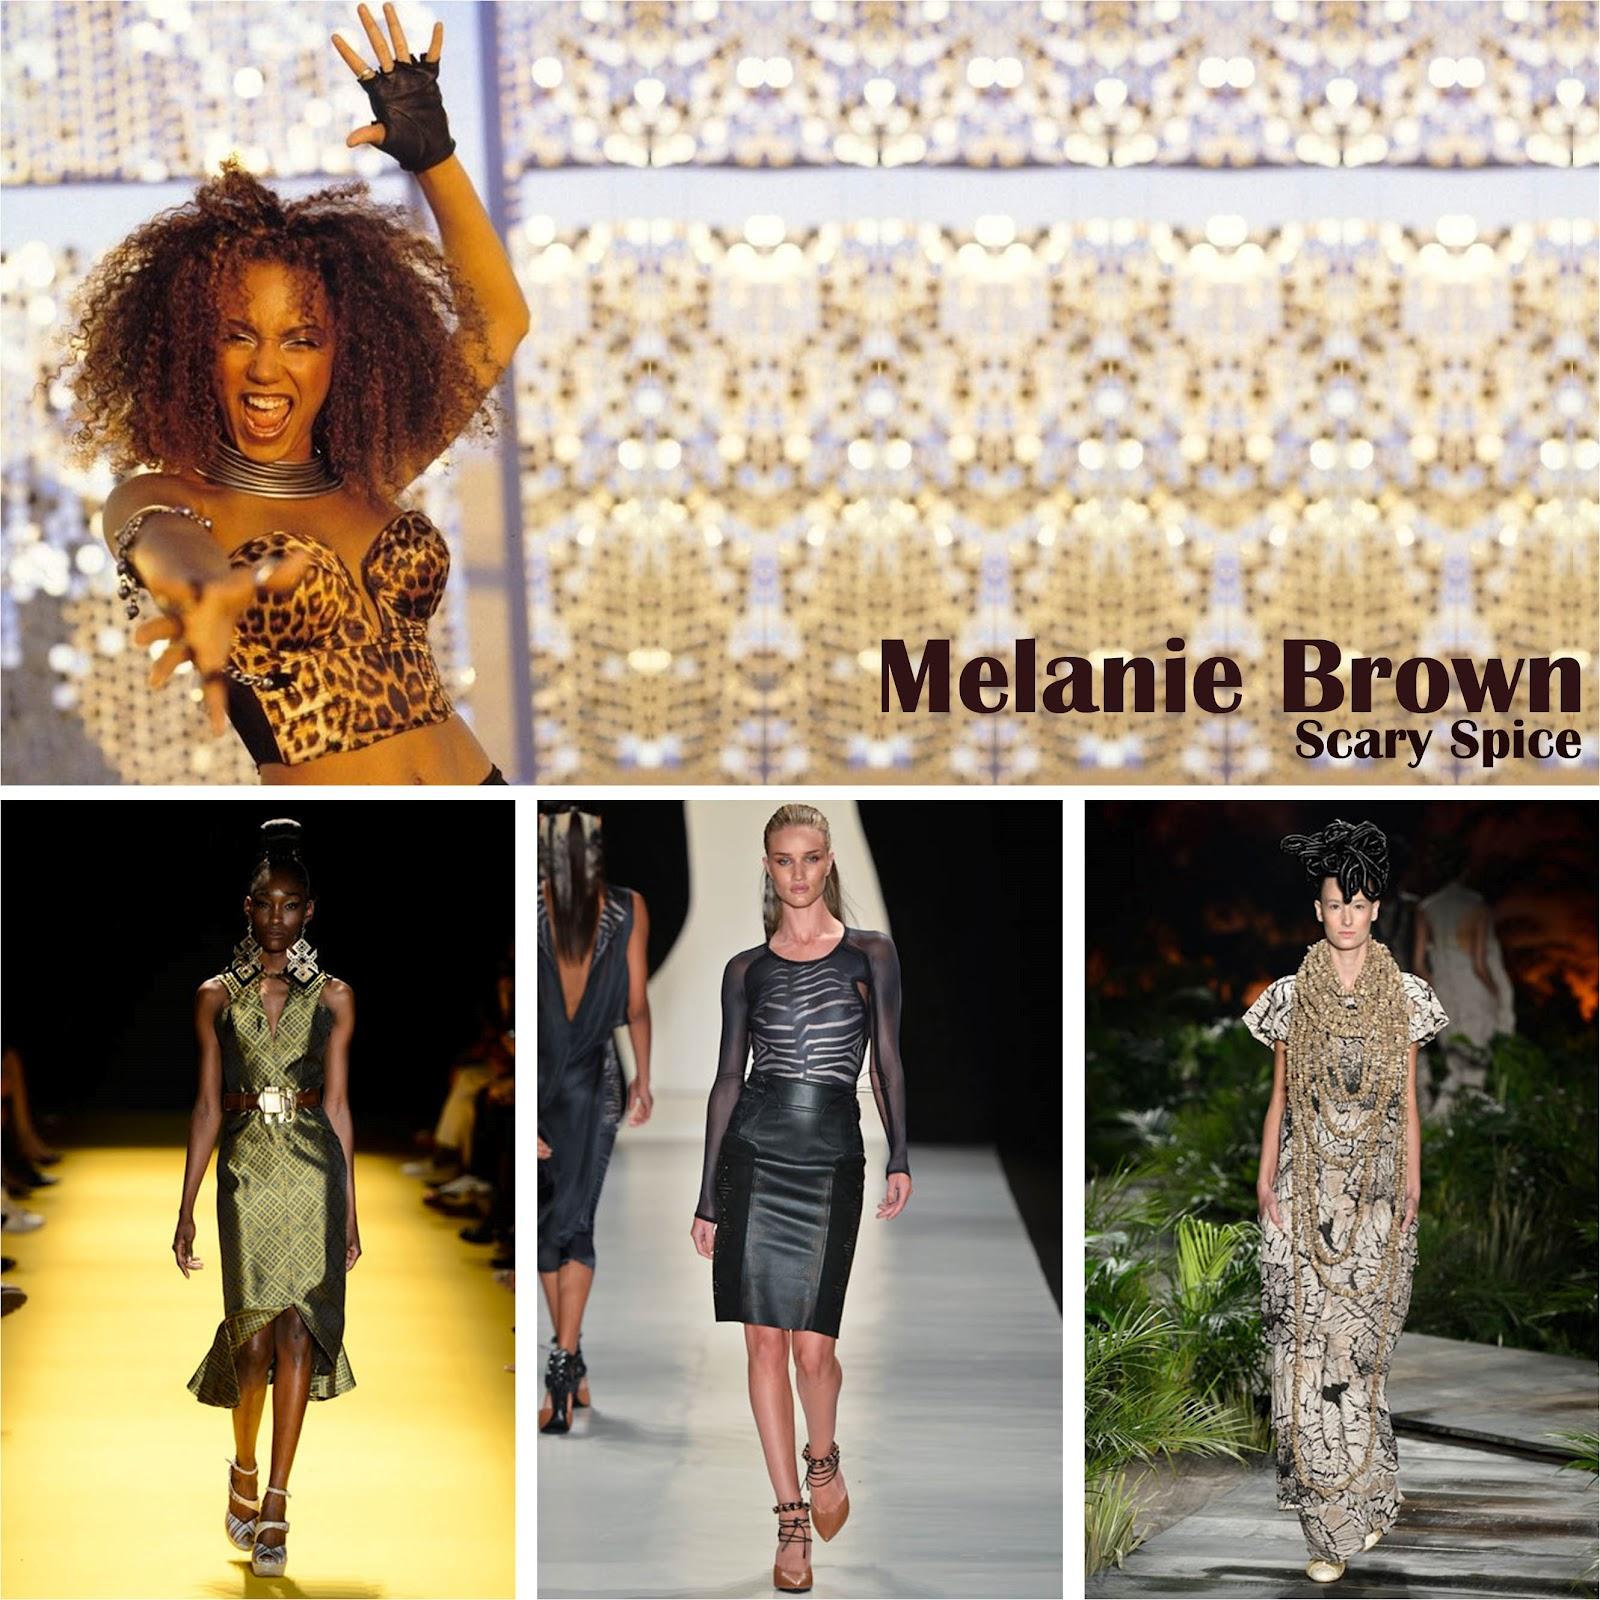 http://3.bp.blogspot.com/-rKacSEM2Vfg/T-0BDnSgR8I/AAAAAAAAKxE/5zs2MRNp4Uo/s1600/0+-+Melanie+Brown+-+SCARY+SPICE.jpg